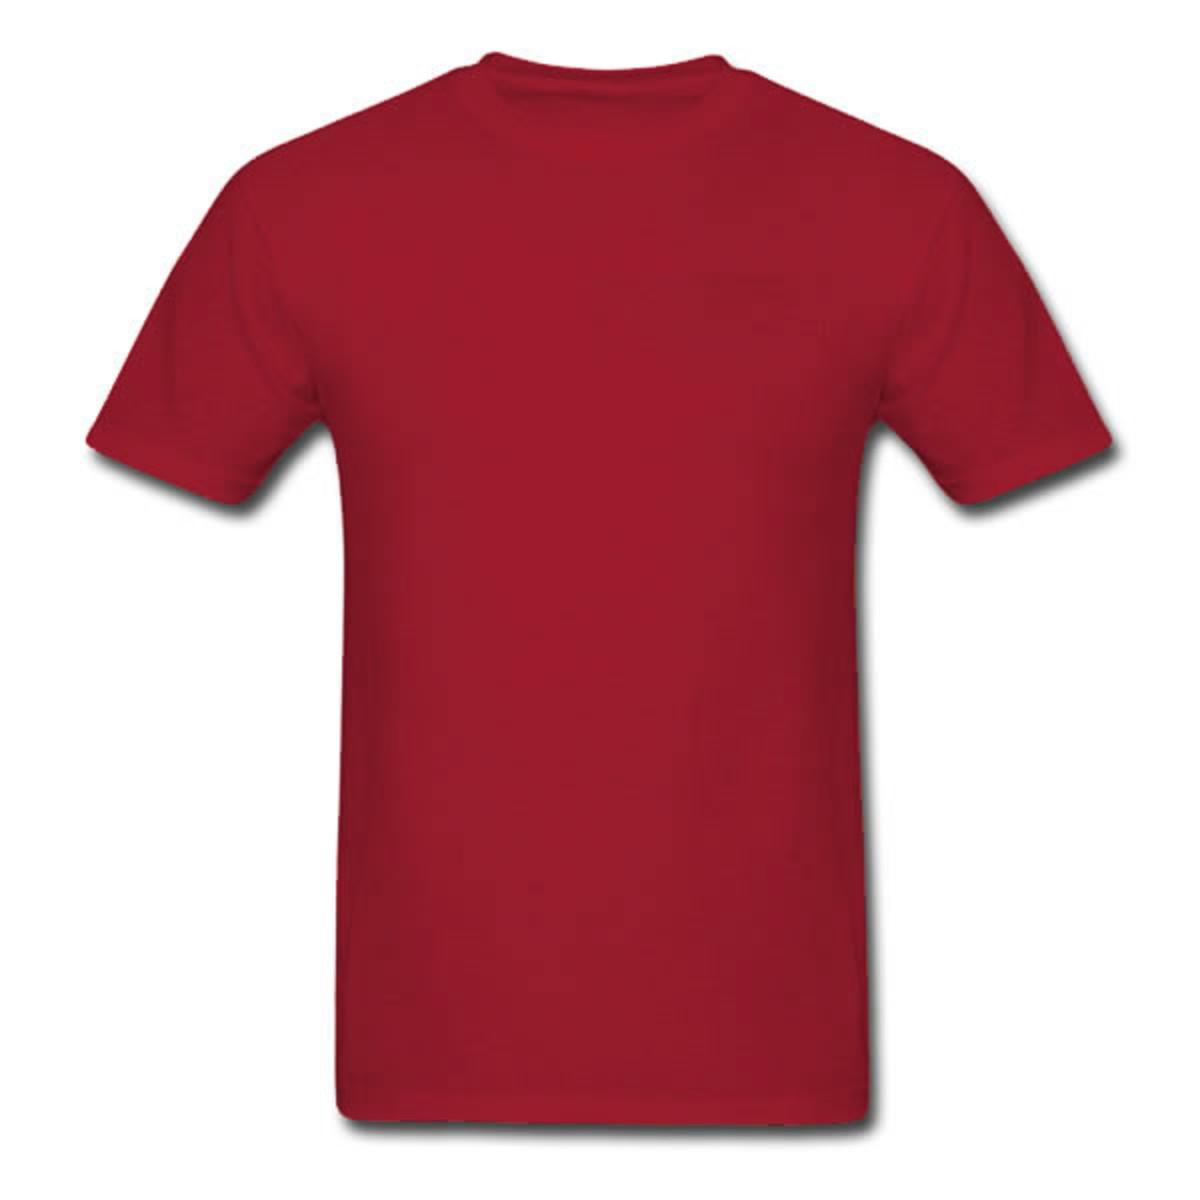 Camiseta lisa 100% algodão 30.1 - Vinho no Elo7  437207792b3e1